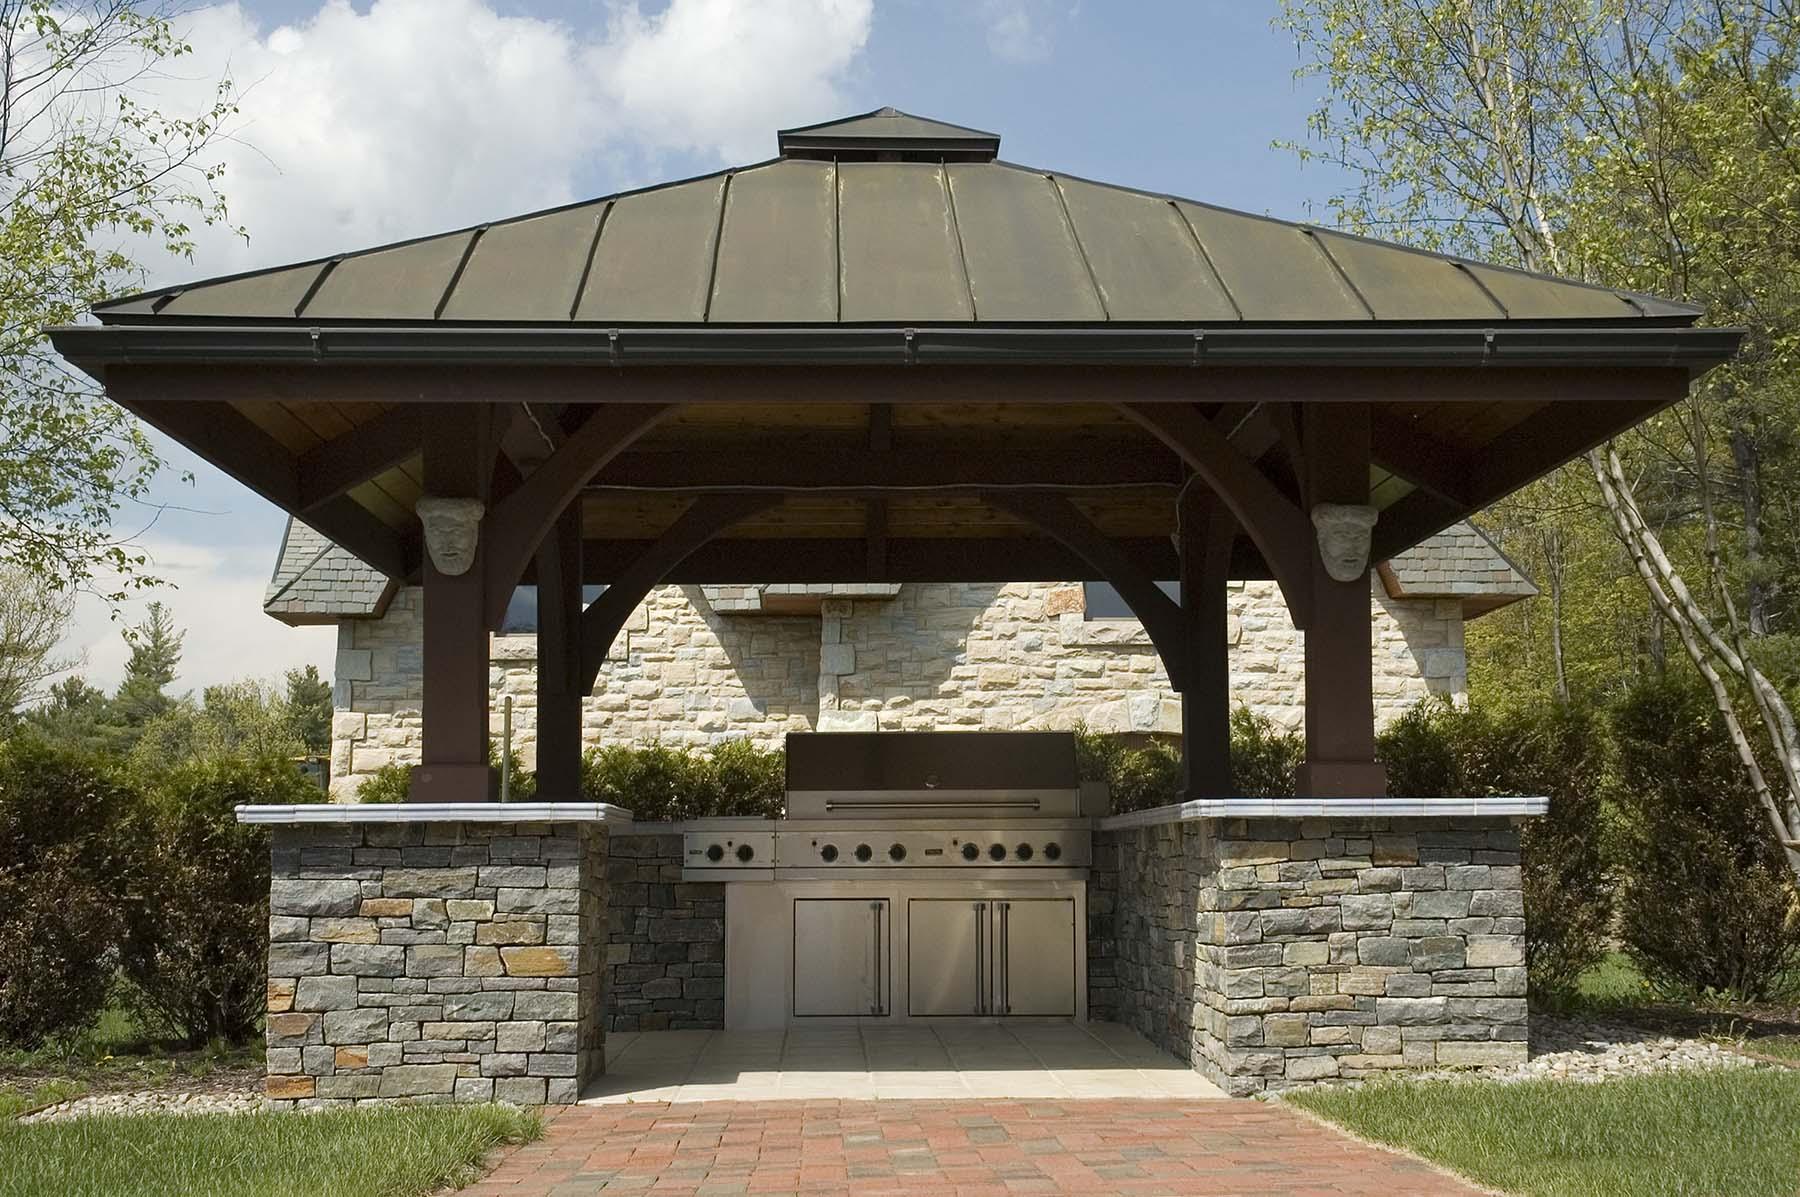 saratoga granite natural stone pavilion for grill